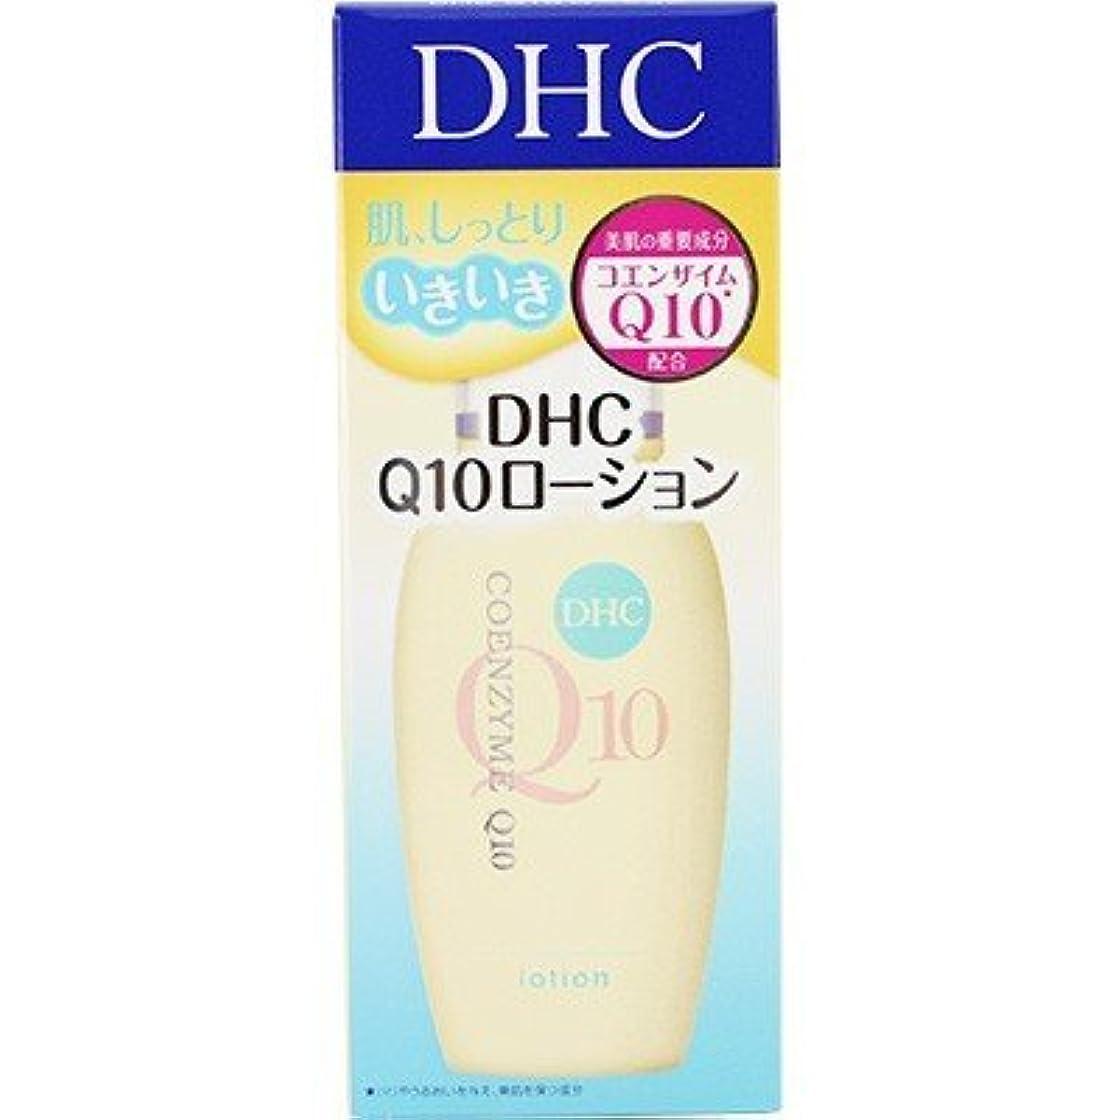 量で哲学葉巻DHC?Q10ローション (SS) 60ml (化粧水) [並行輸入品]